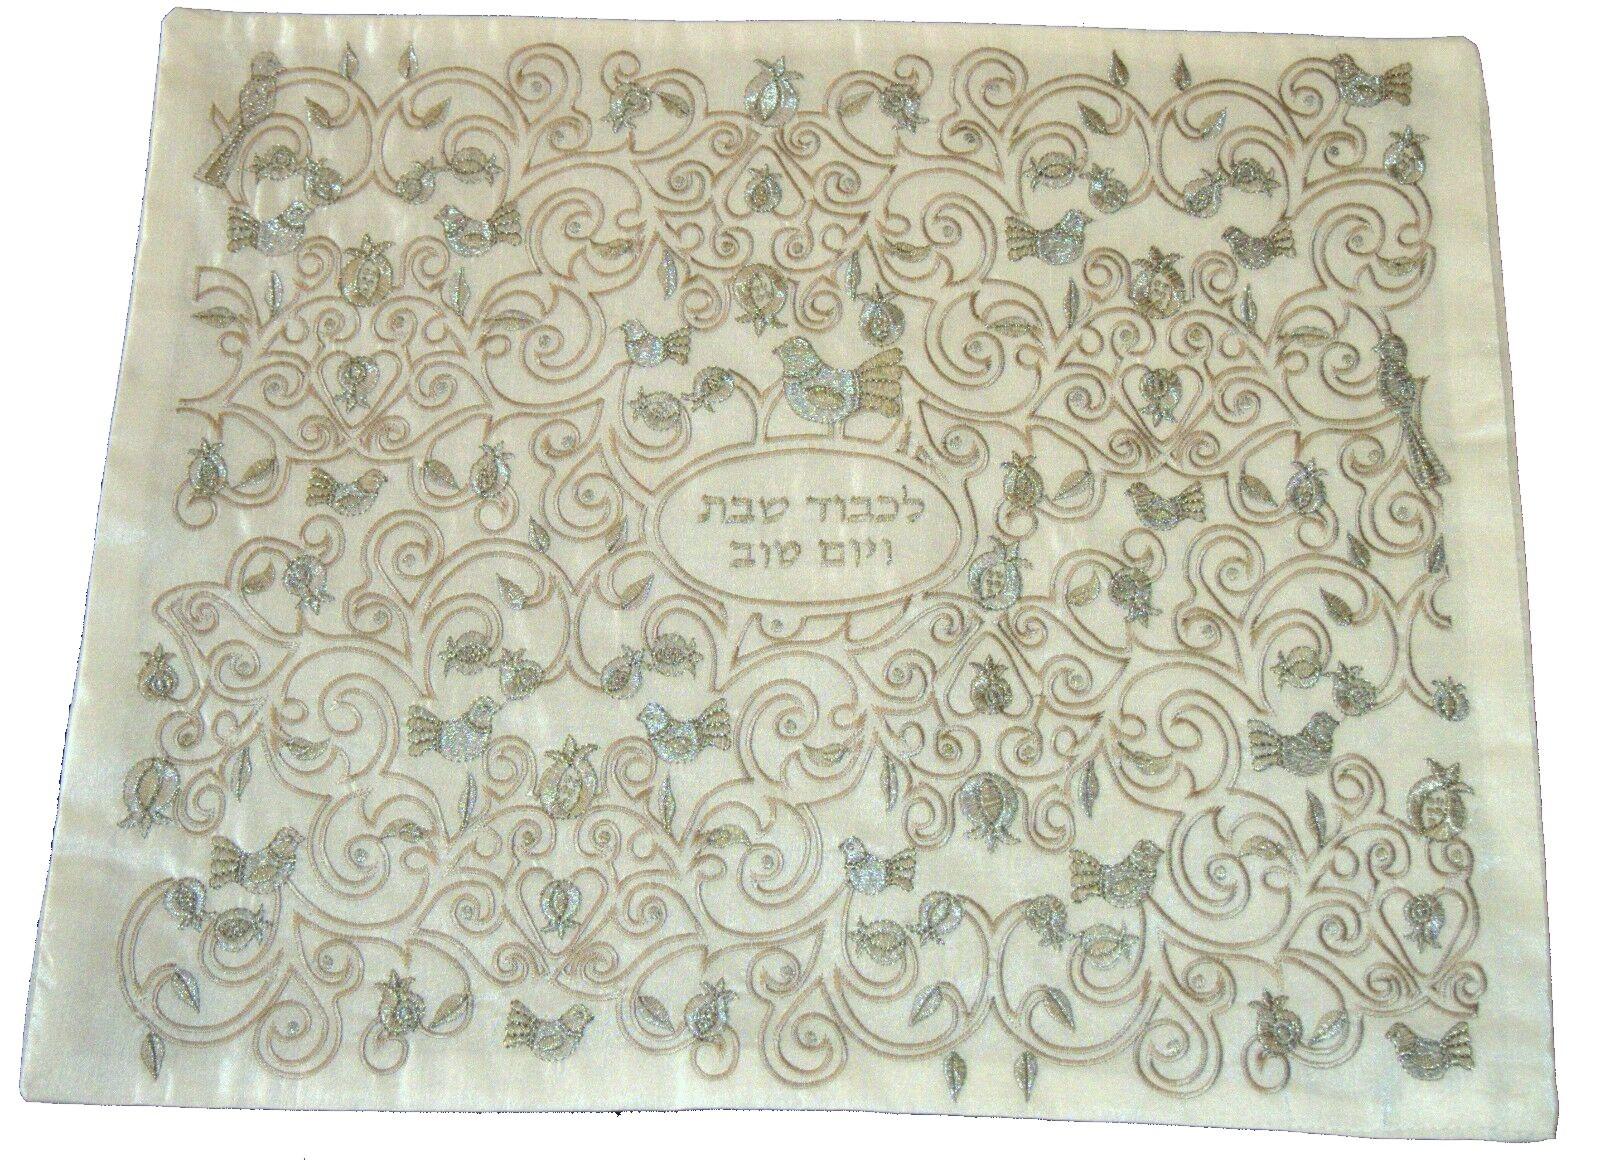 Shabbat Judaica Challah Bread Cover White Silver Gold Pomegranates Embroidery